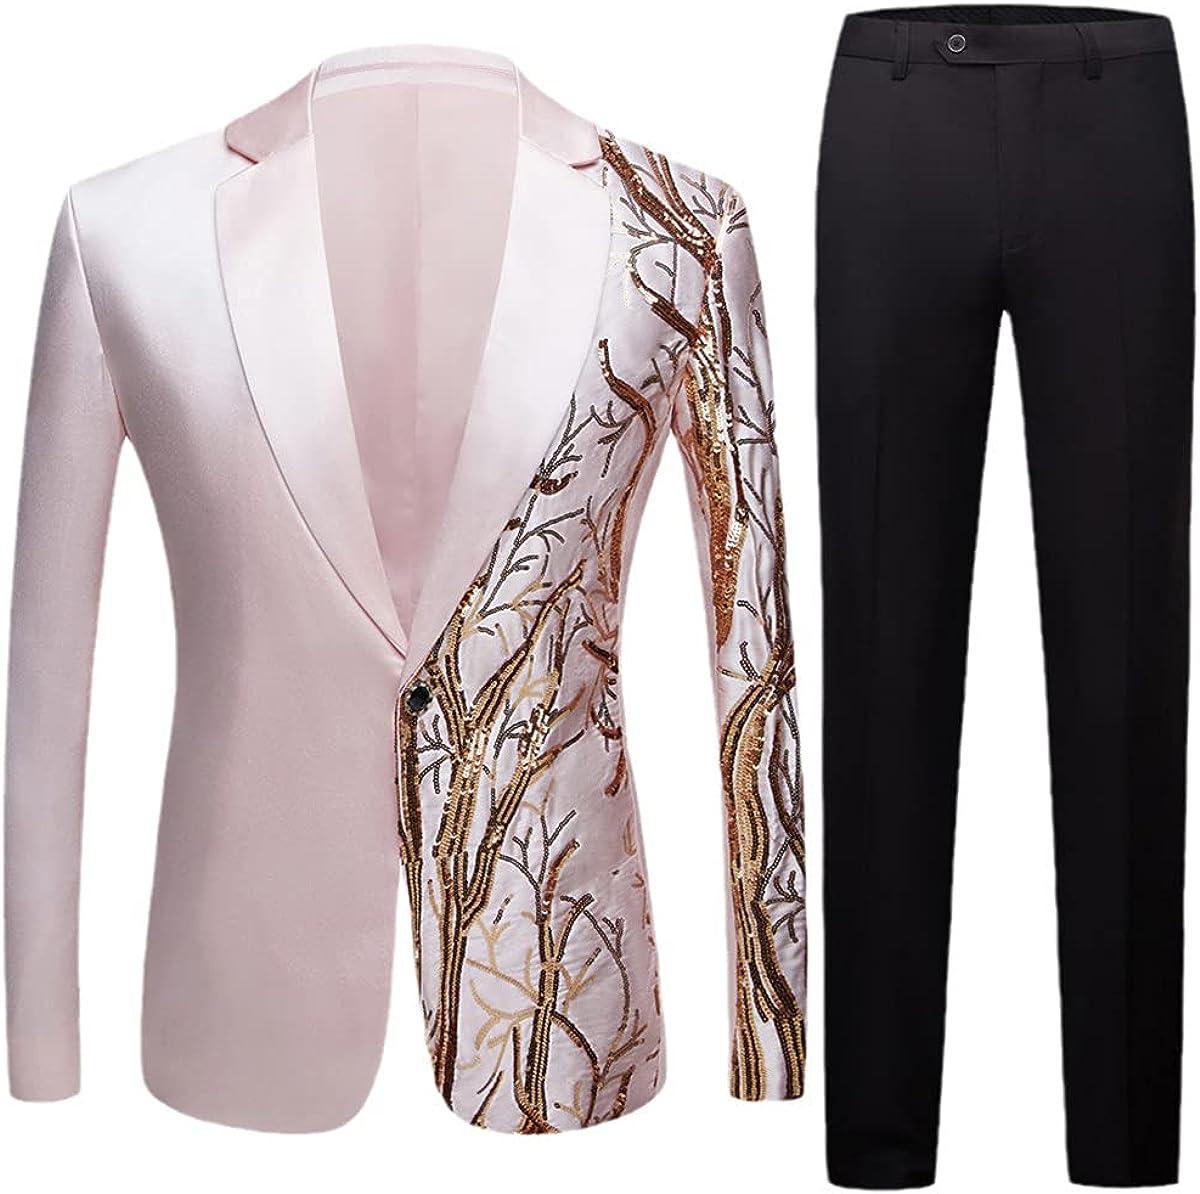 Men's Black Sequined Party Blazer Slim fit Wedding Party Blazer Singer high-Density Sequined Blazer Suit